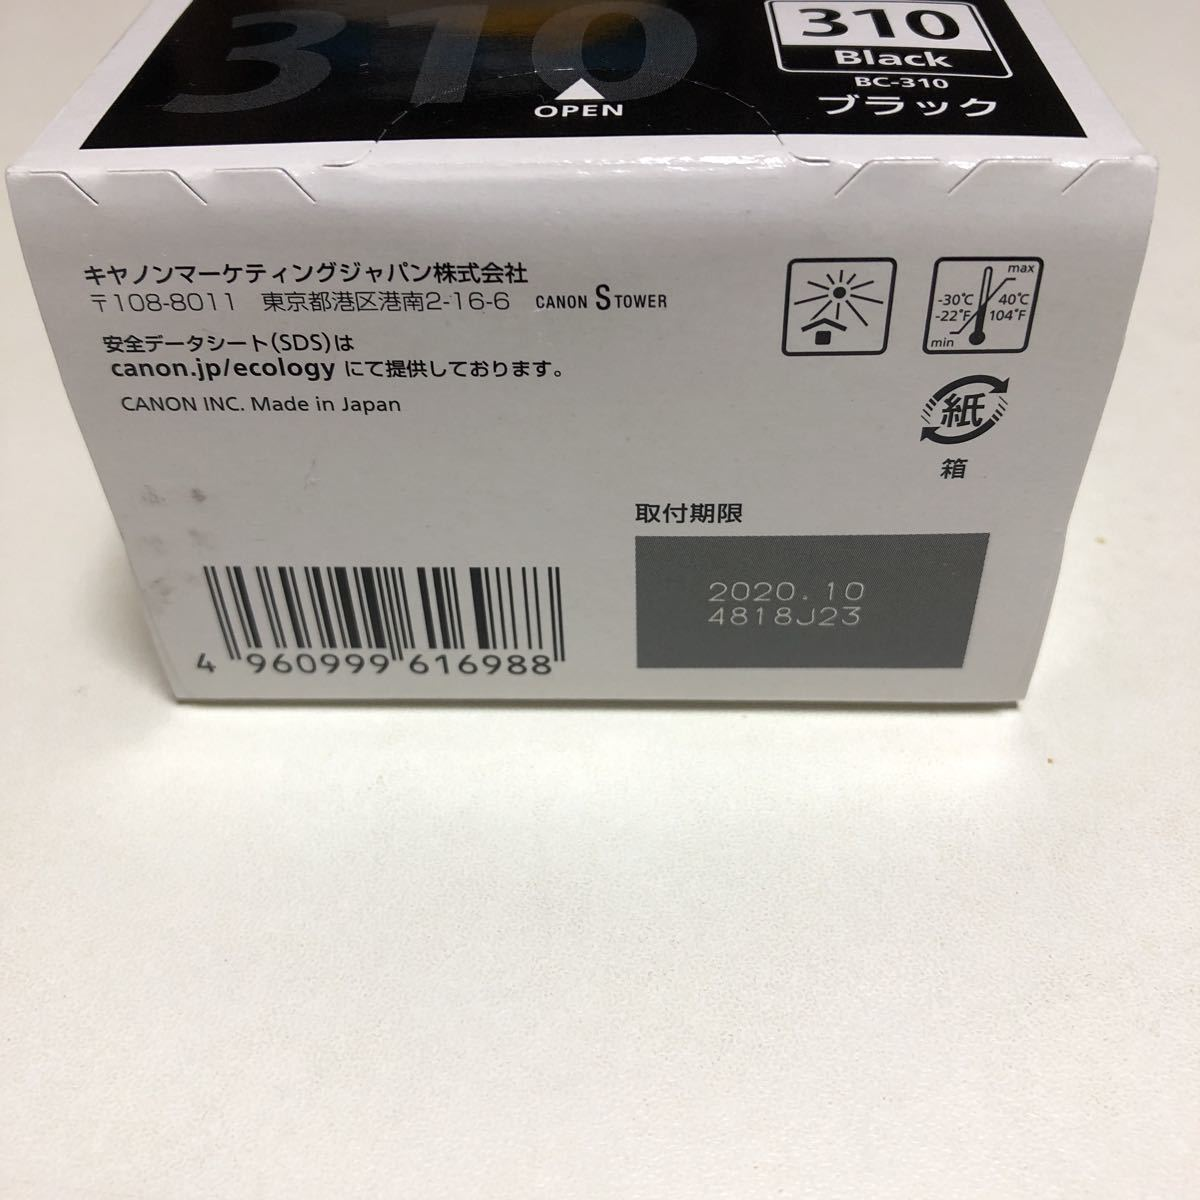 Canon/キヤノン 純正インク BC-310 ブラック 黒 新品 訳あり_画像2